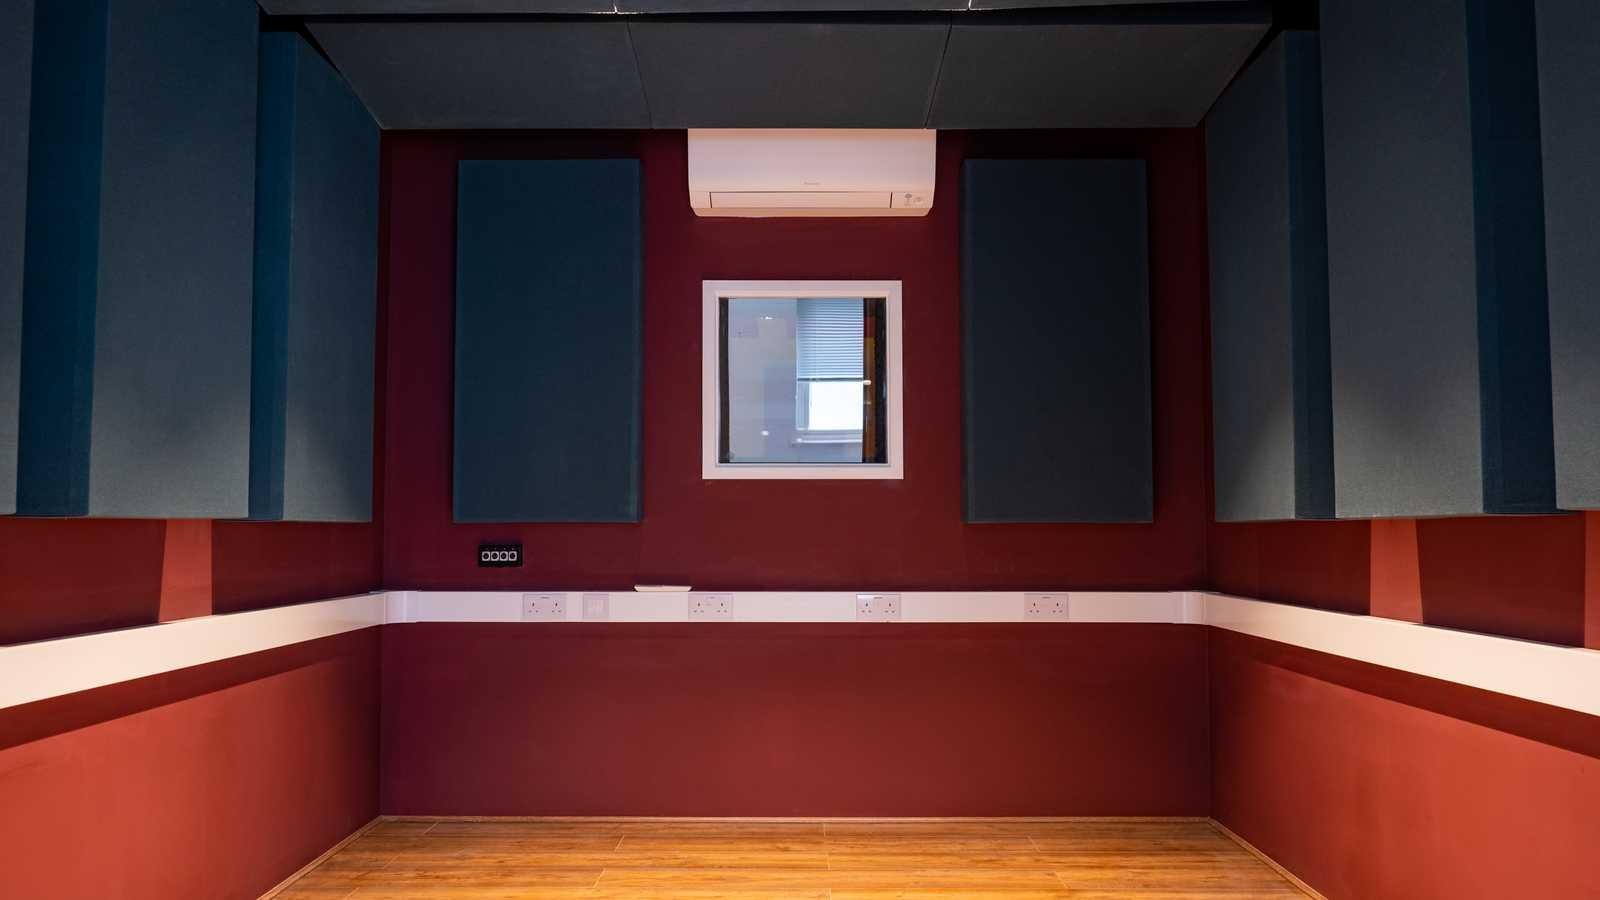 9M Studios Control Room